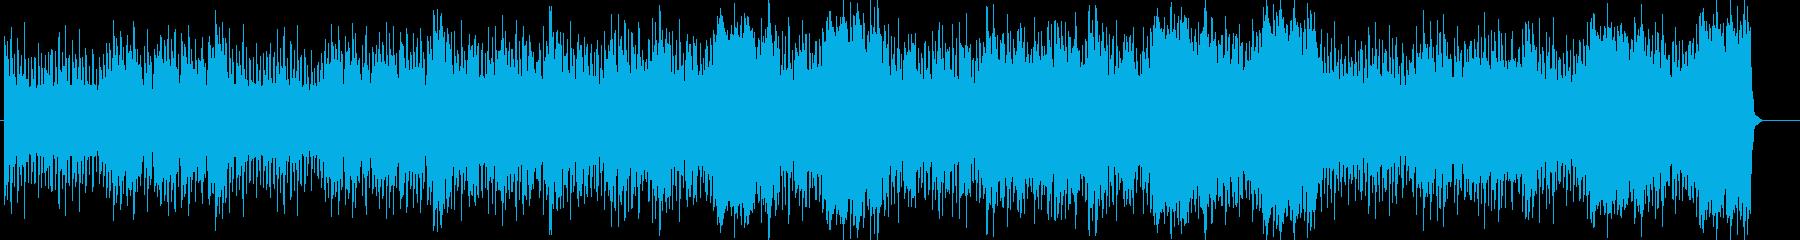 効果音が印象的なふてくされたような曲の再生済みの波形